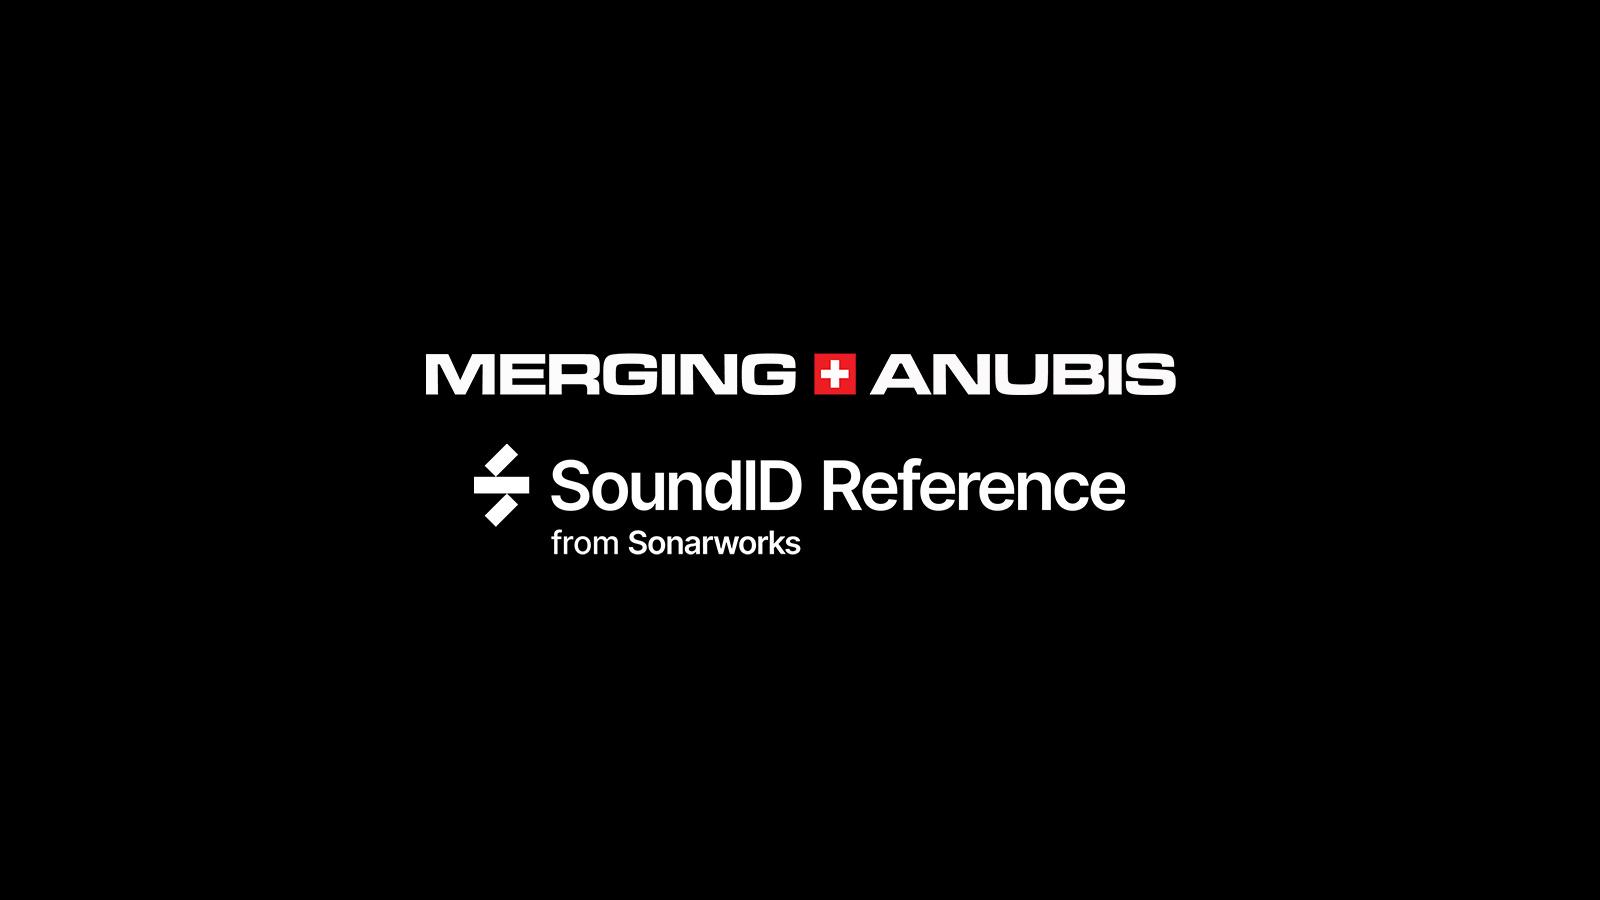 Sonarworks アップデート情報「ANUBISとの機能統合」